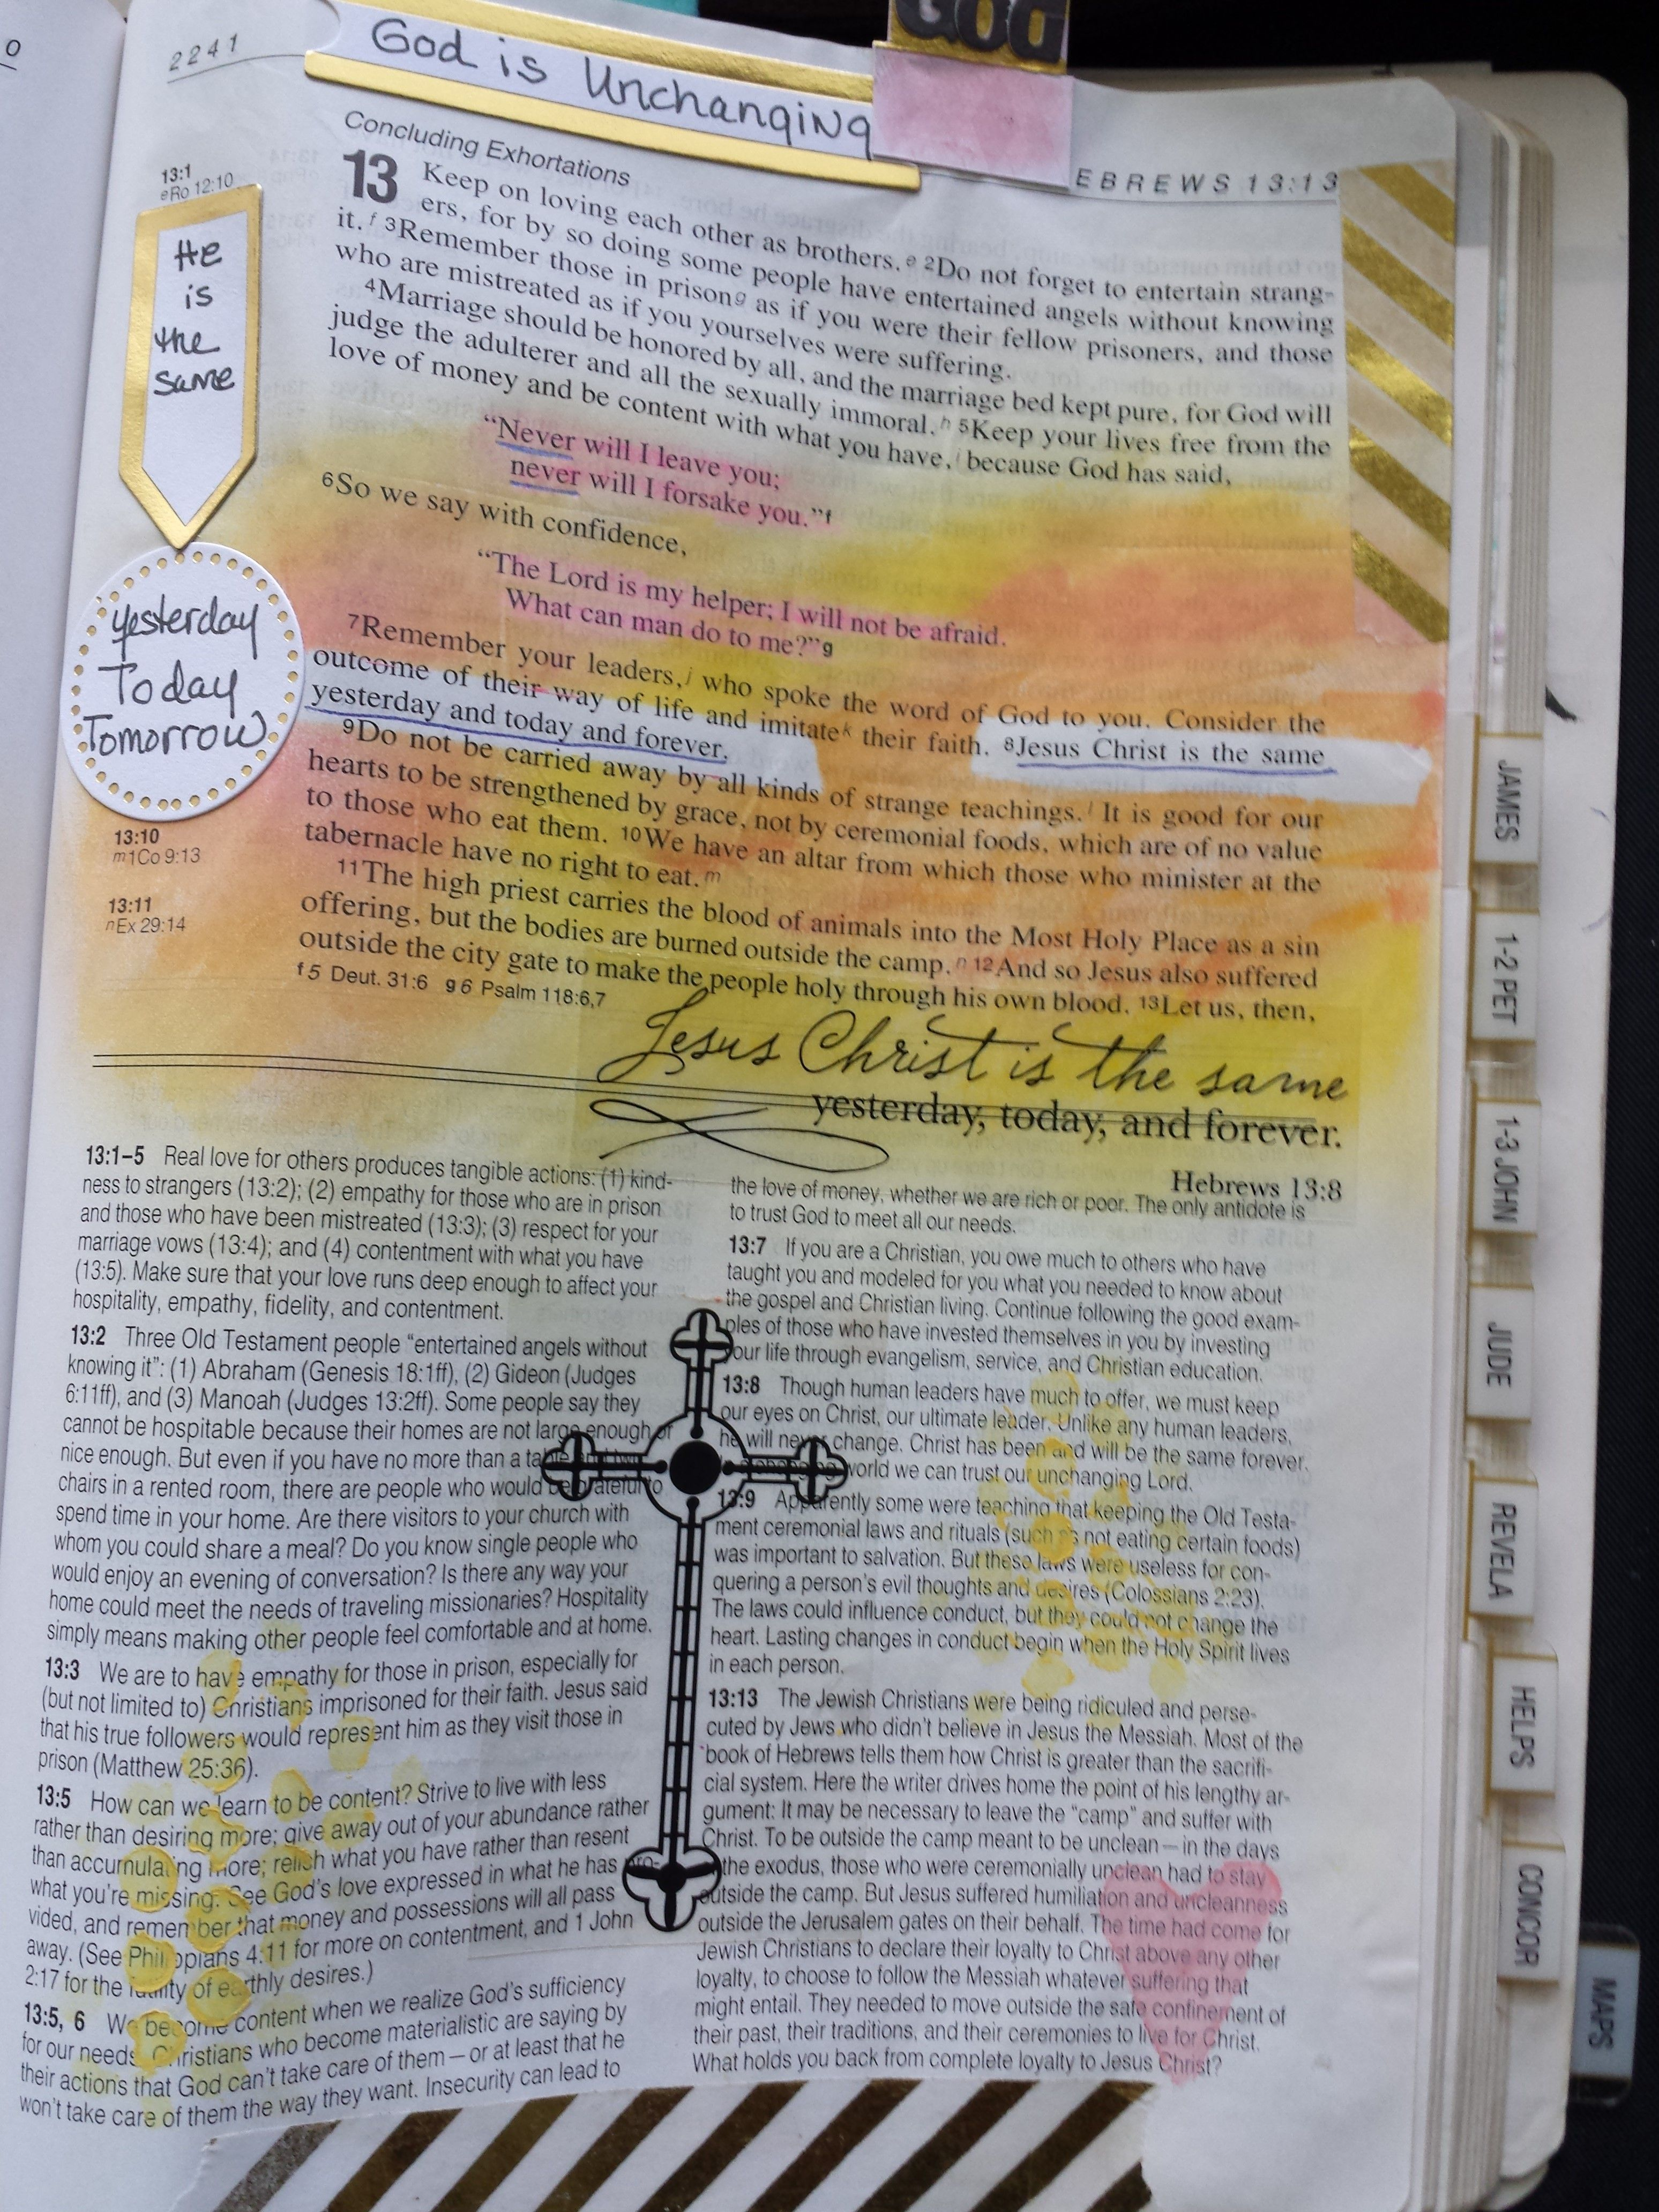 God is Unchanging     Hebrews 13:8 - Jesus Christ is the same